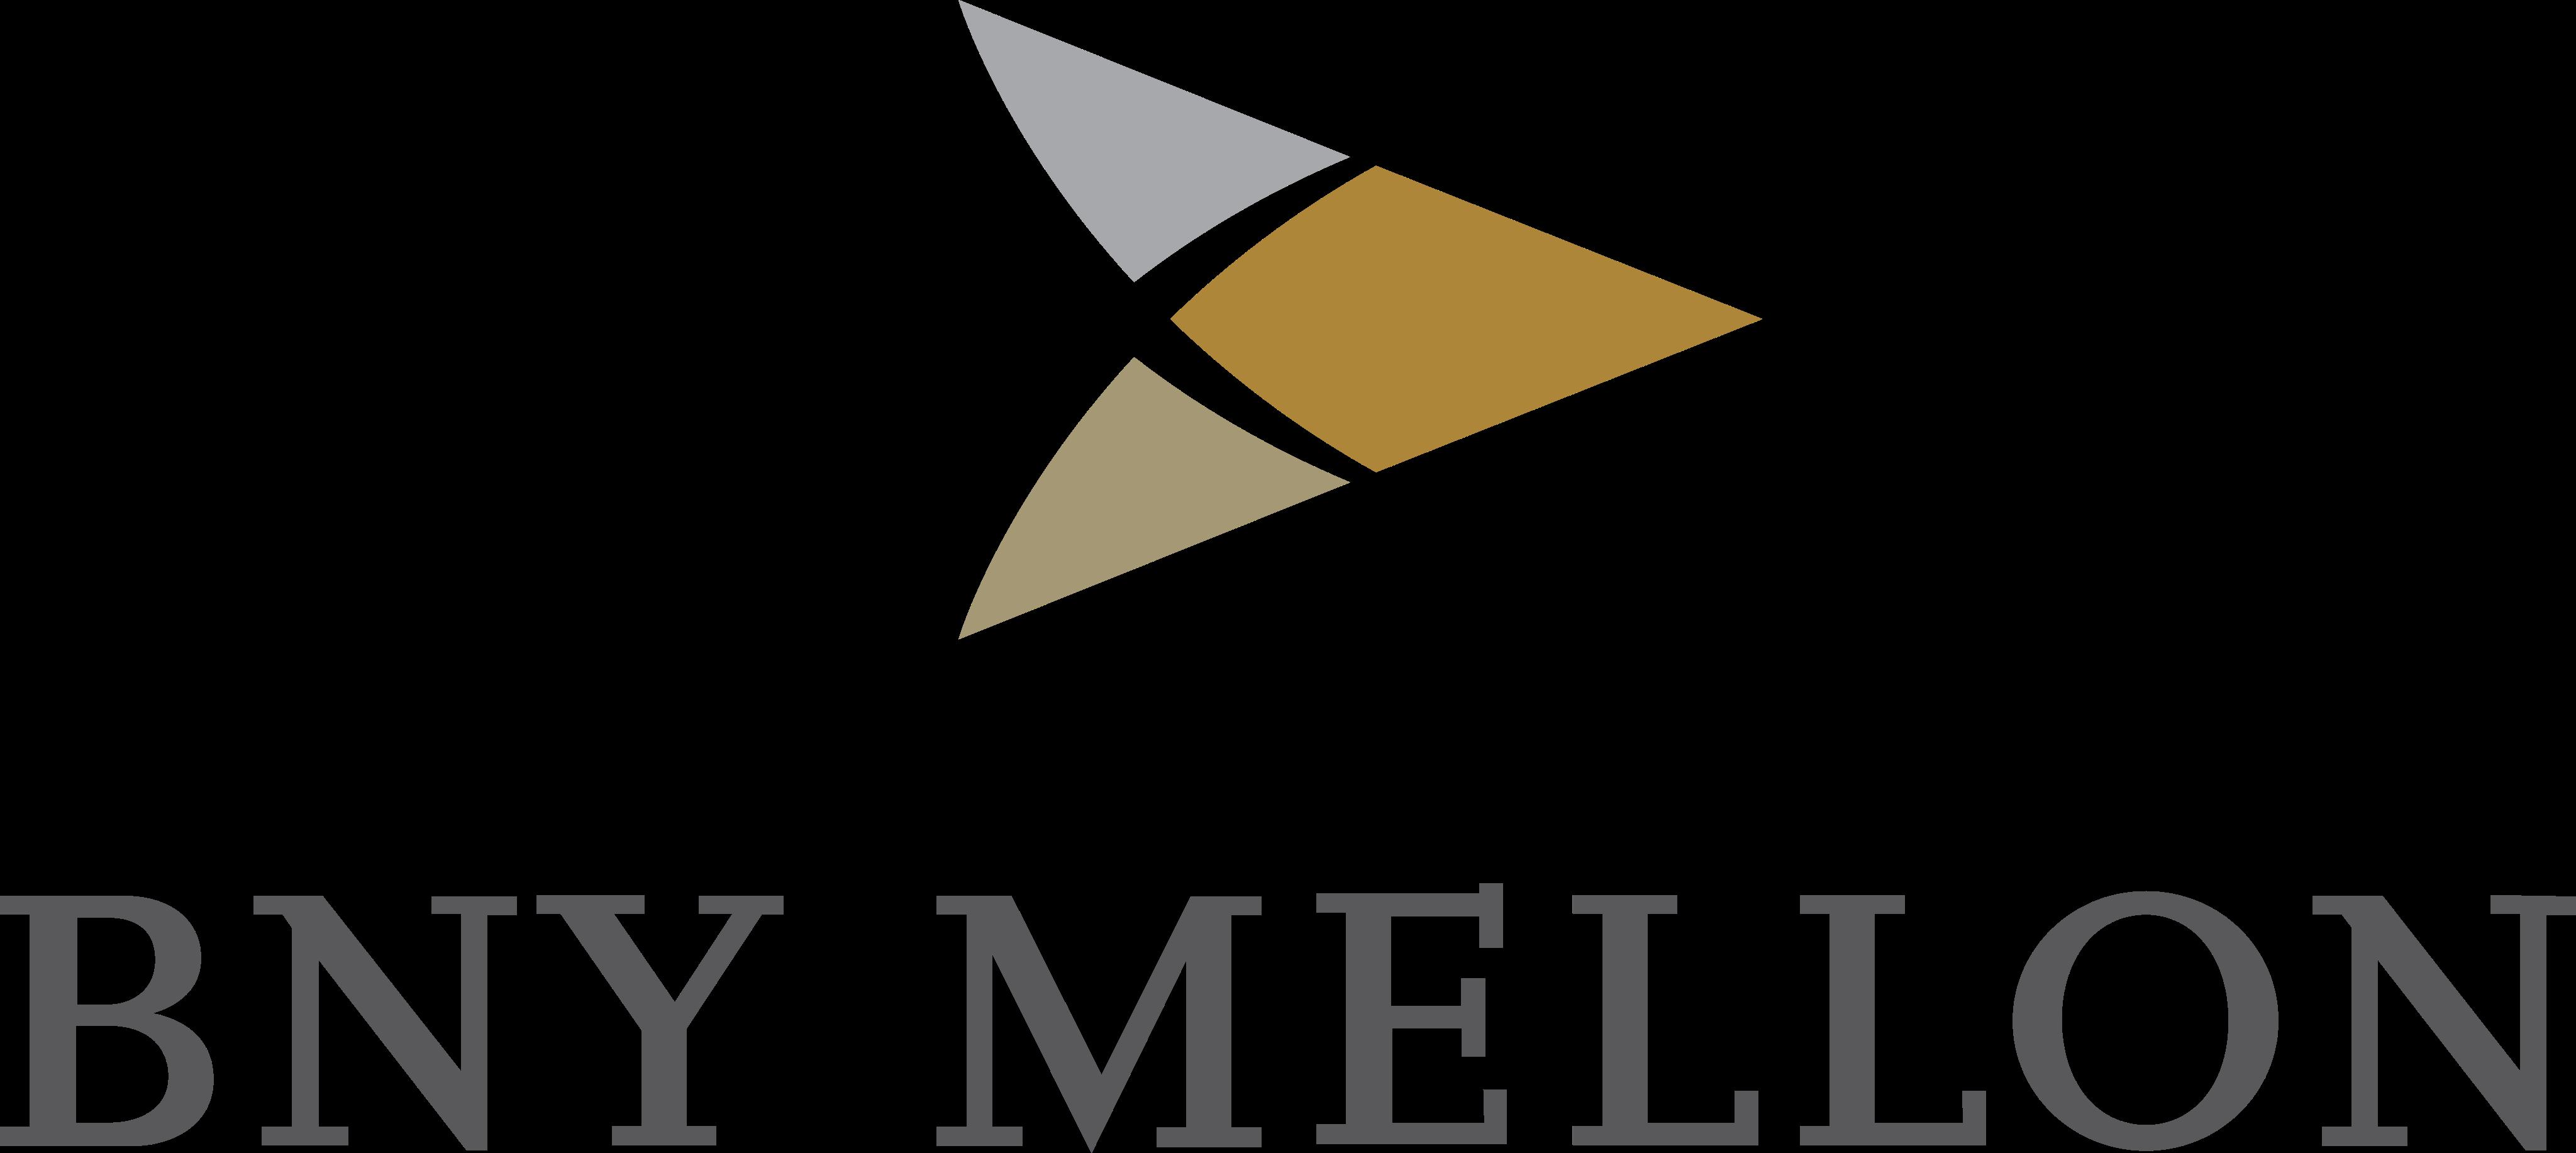 bny mellon logo 3 - BNY Mellon Logo